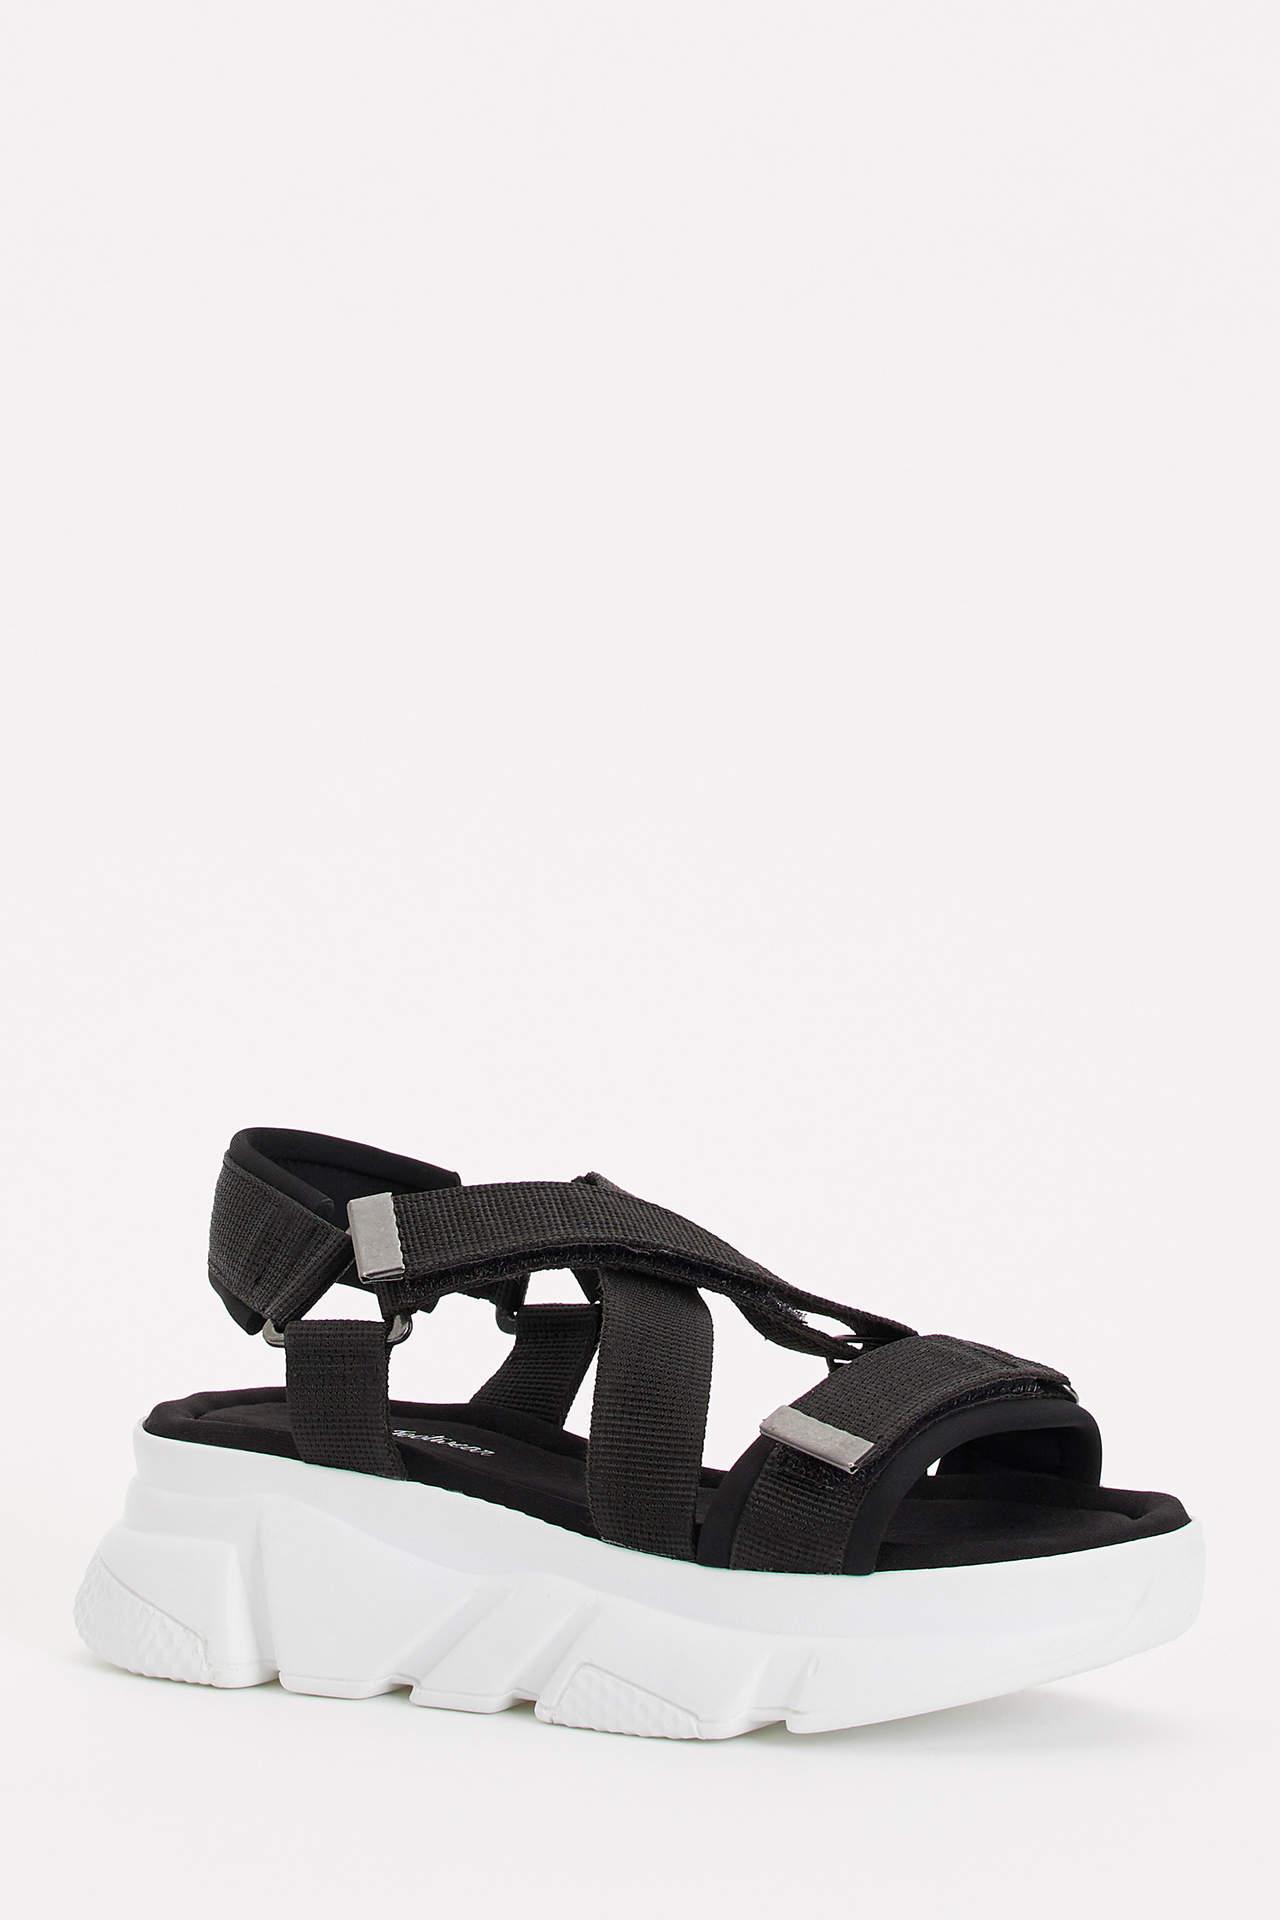 Defacto Kadın Yüksek Taban Sandalet